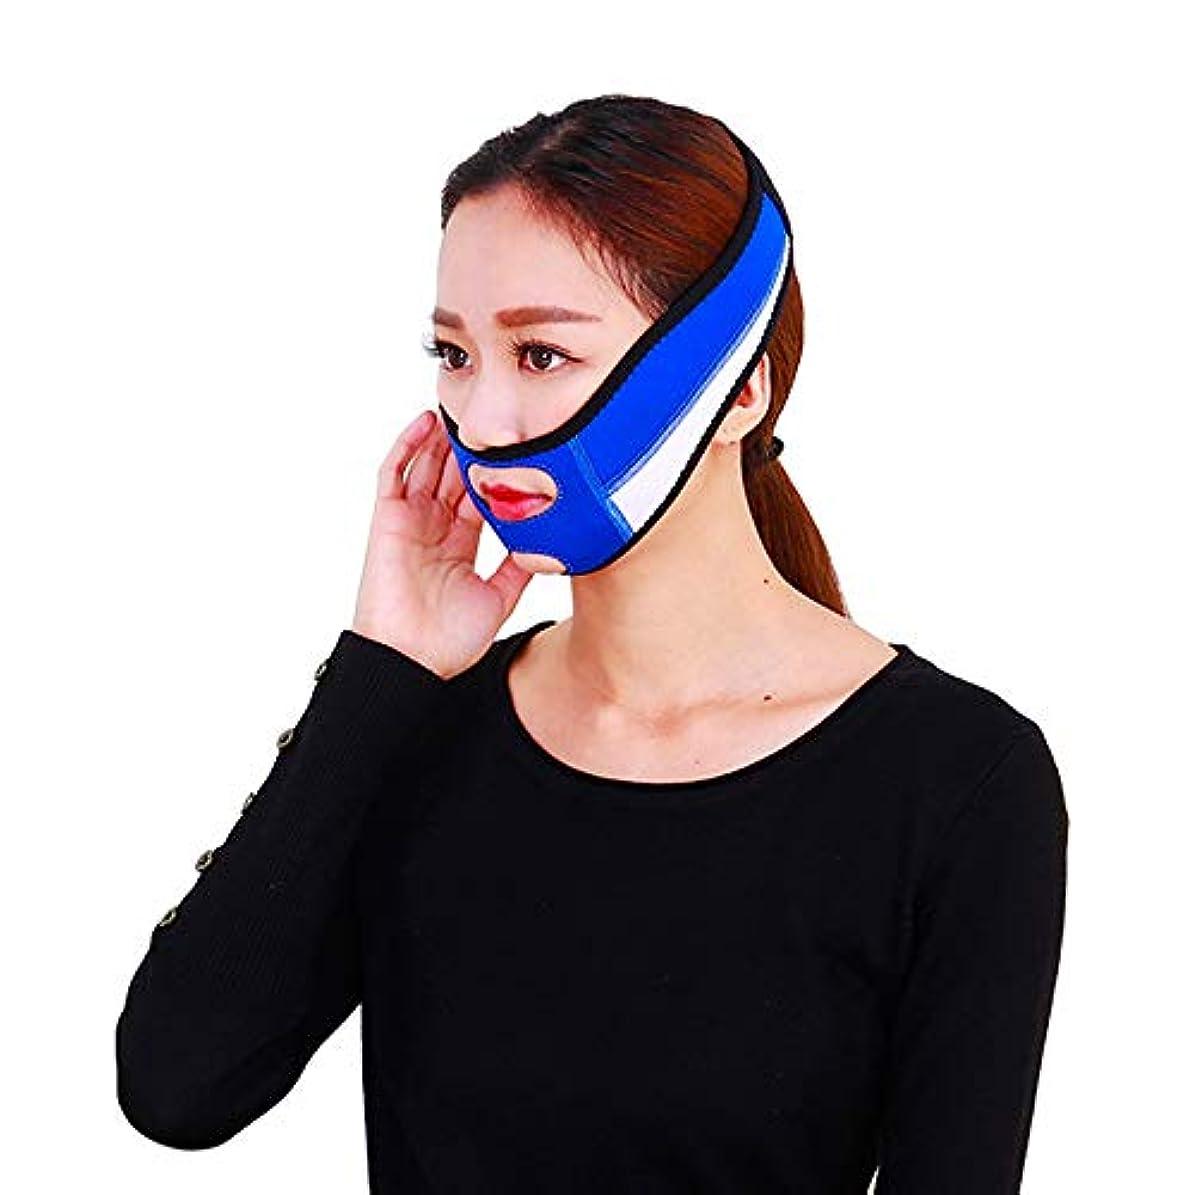 シャープスリル道徳教育フェイススリミングマスク、Vラインチンチーク女性用リフトアップバンド、あごジムダブルあごリデューサーフェイススリミングバンデージベルトマスクフェイスリフトマッサージ器筋肉ストラップ